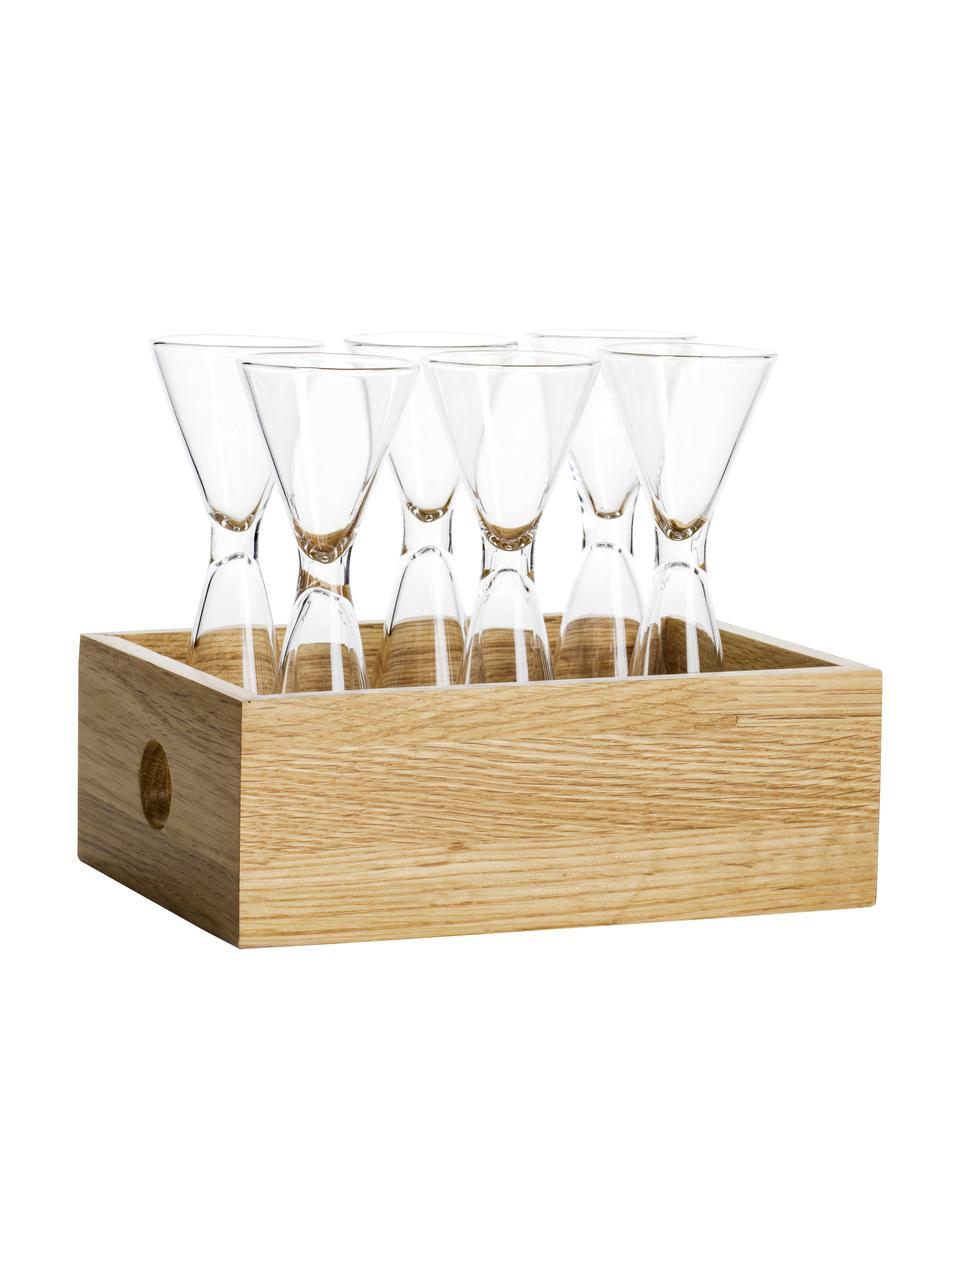 Kieliszki ze szkła dmuchanego z drewnianym pudełkiem Semon, 6 szt., Szkło dmuchane, drewno dębowe, Transparentny, drewno dębowe, Ø 4 x W 12 cm